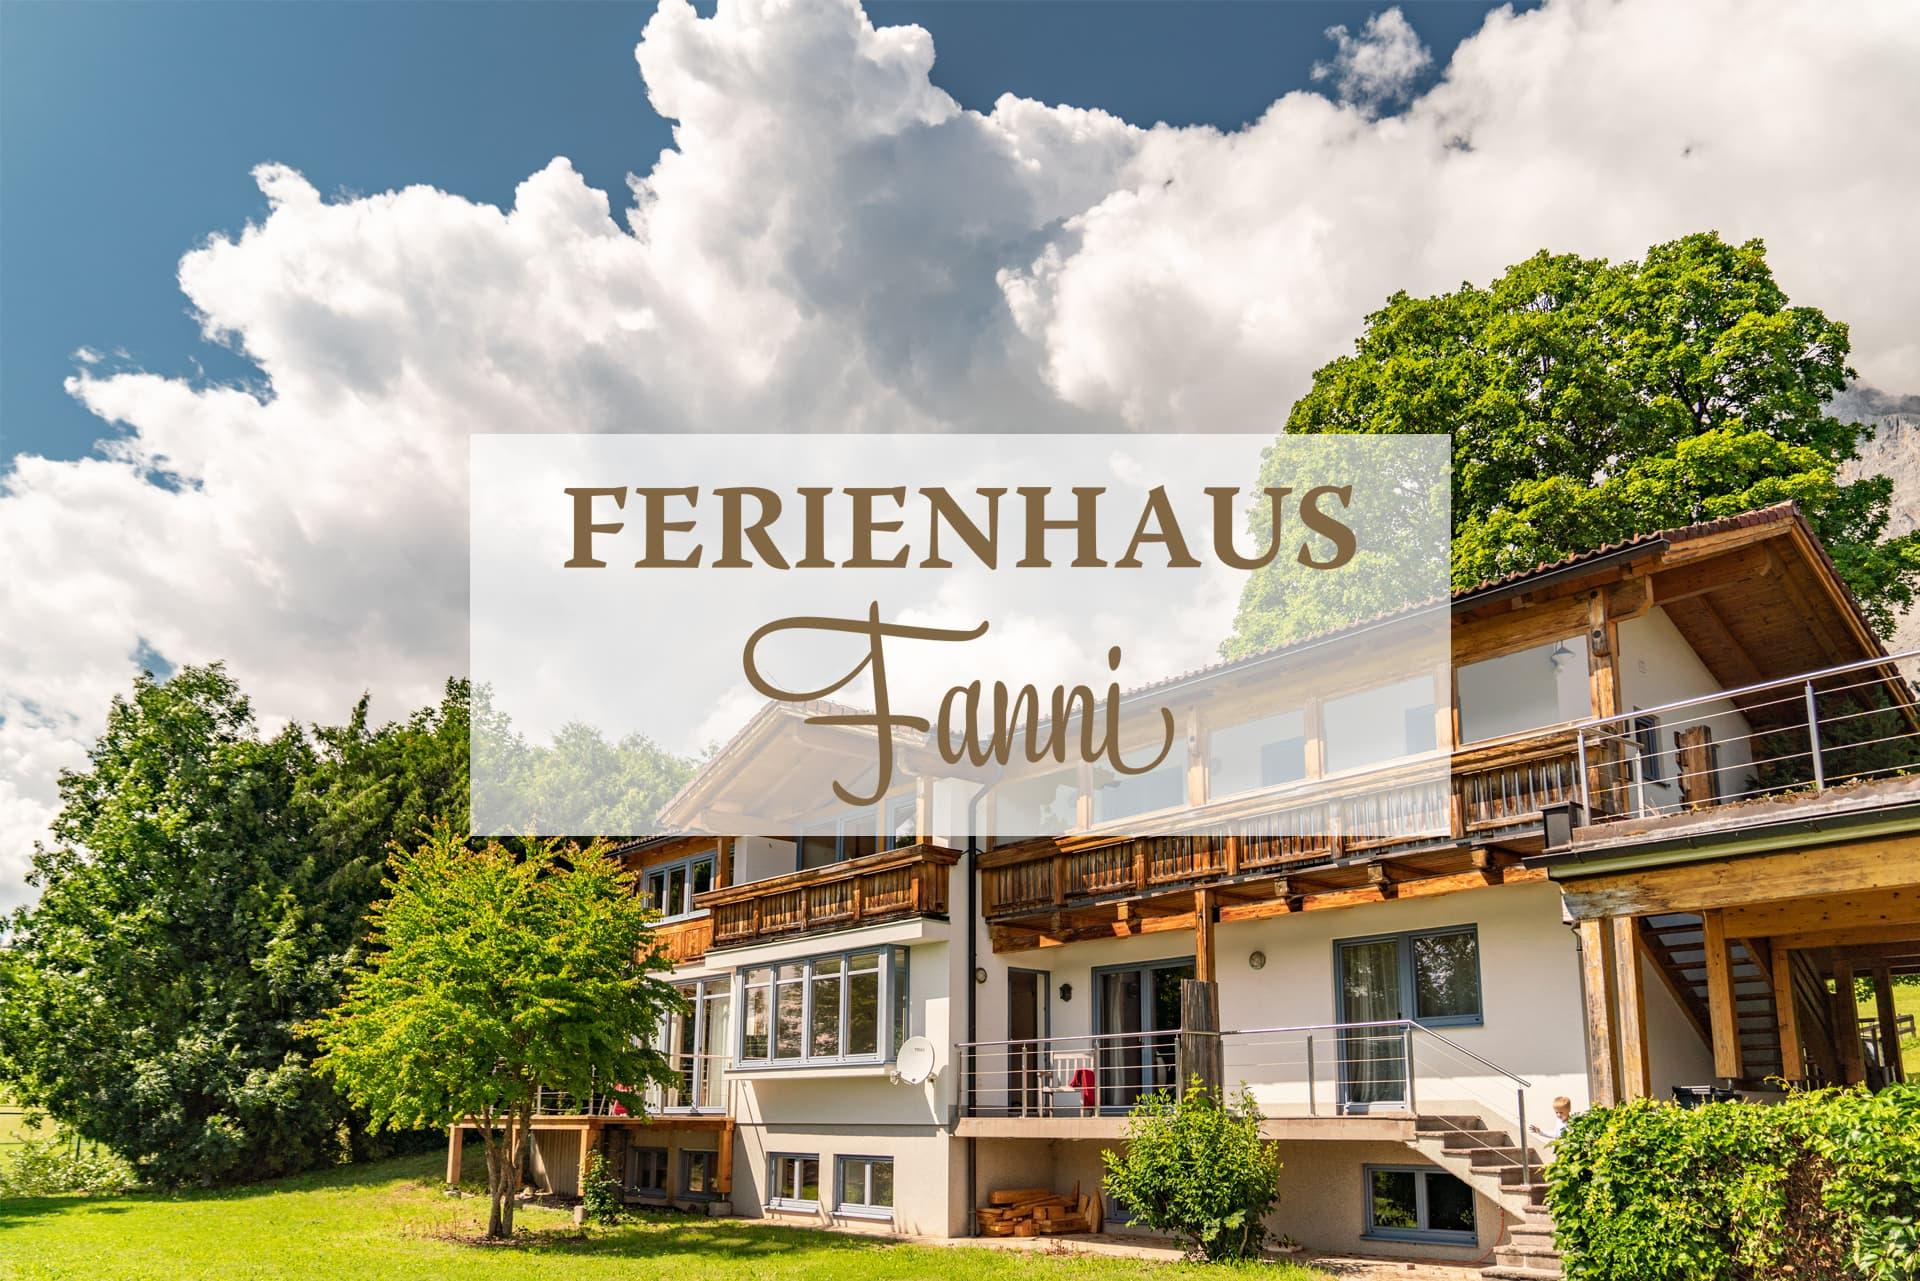 Ferienhaus Fanni in Ramsau am Dachstein